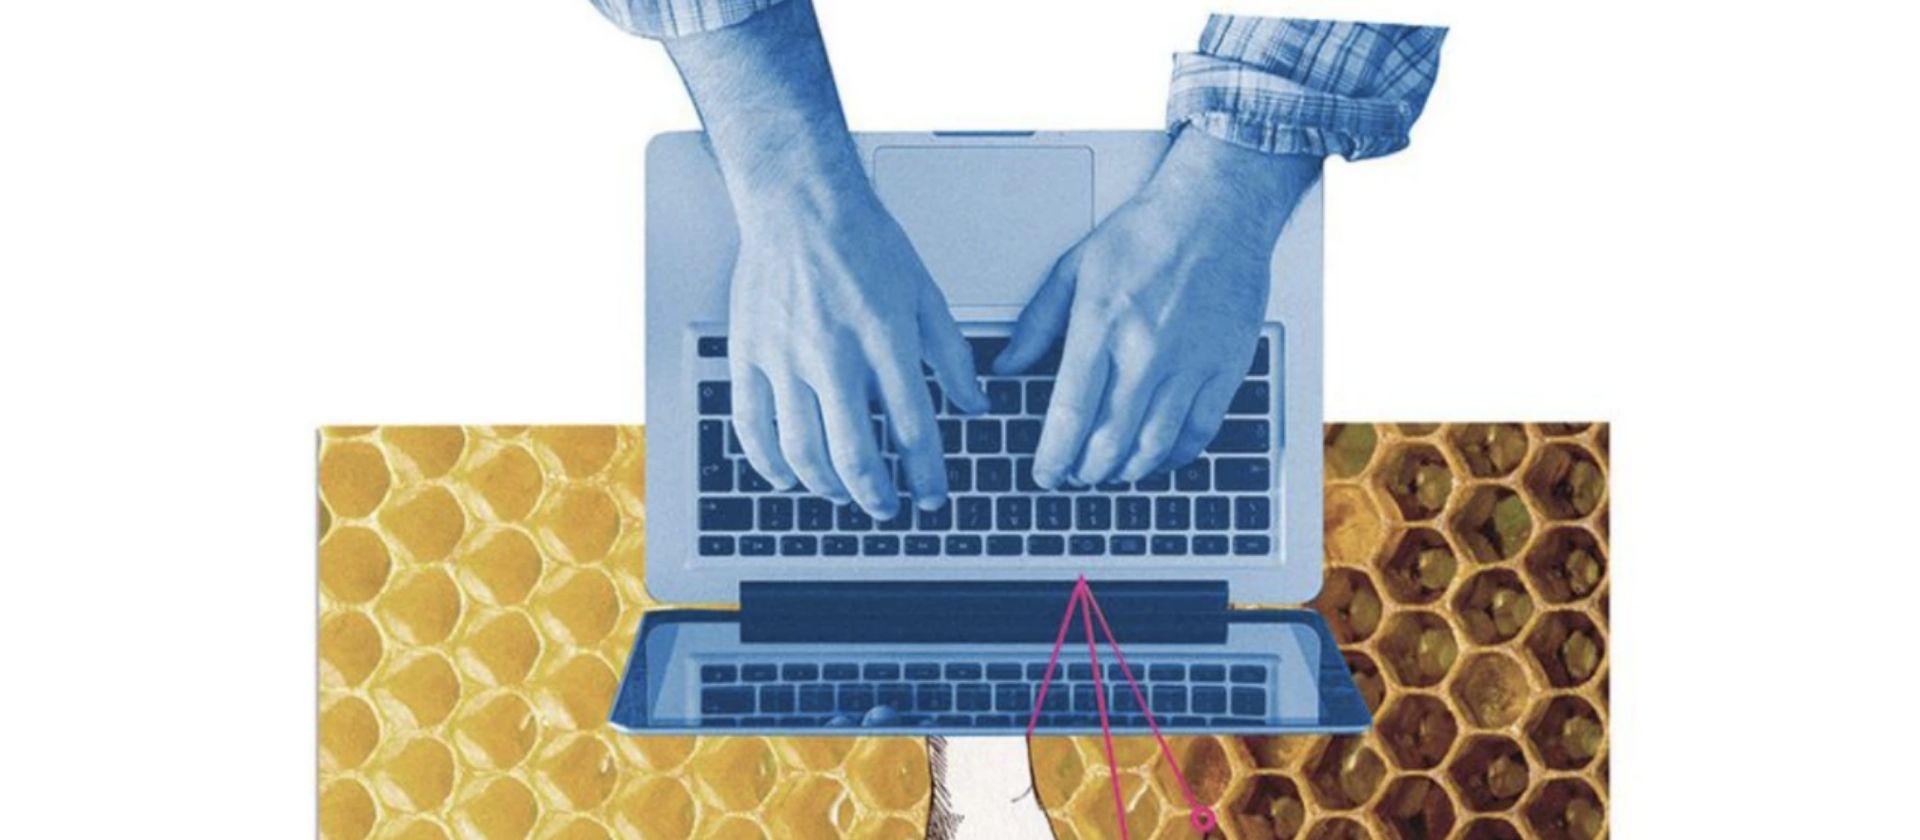 tech-executives-amid-covid